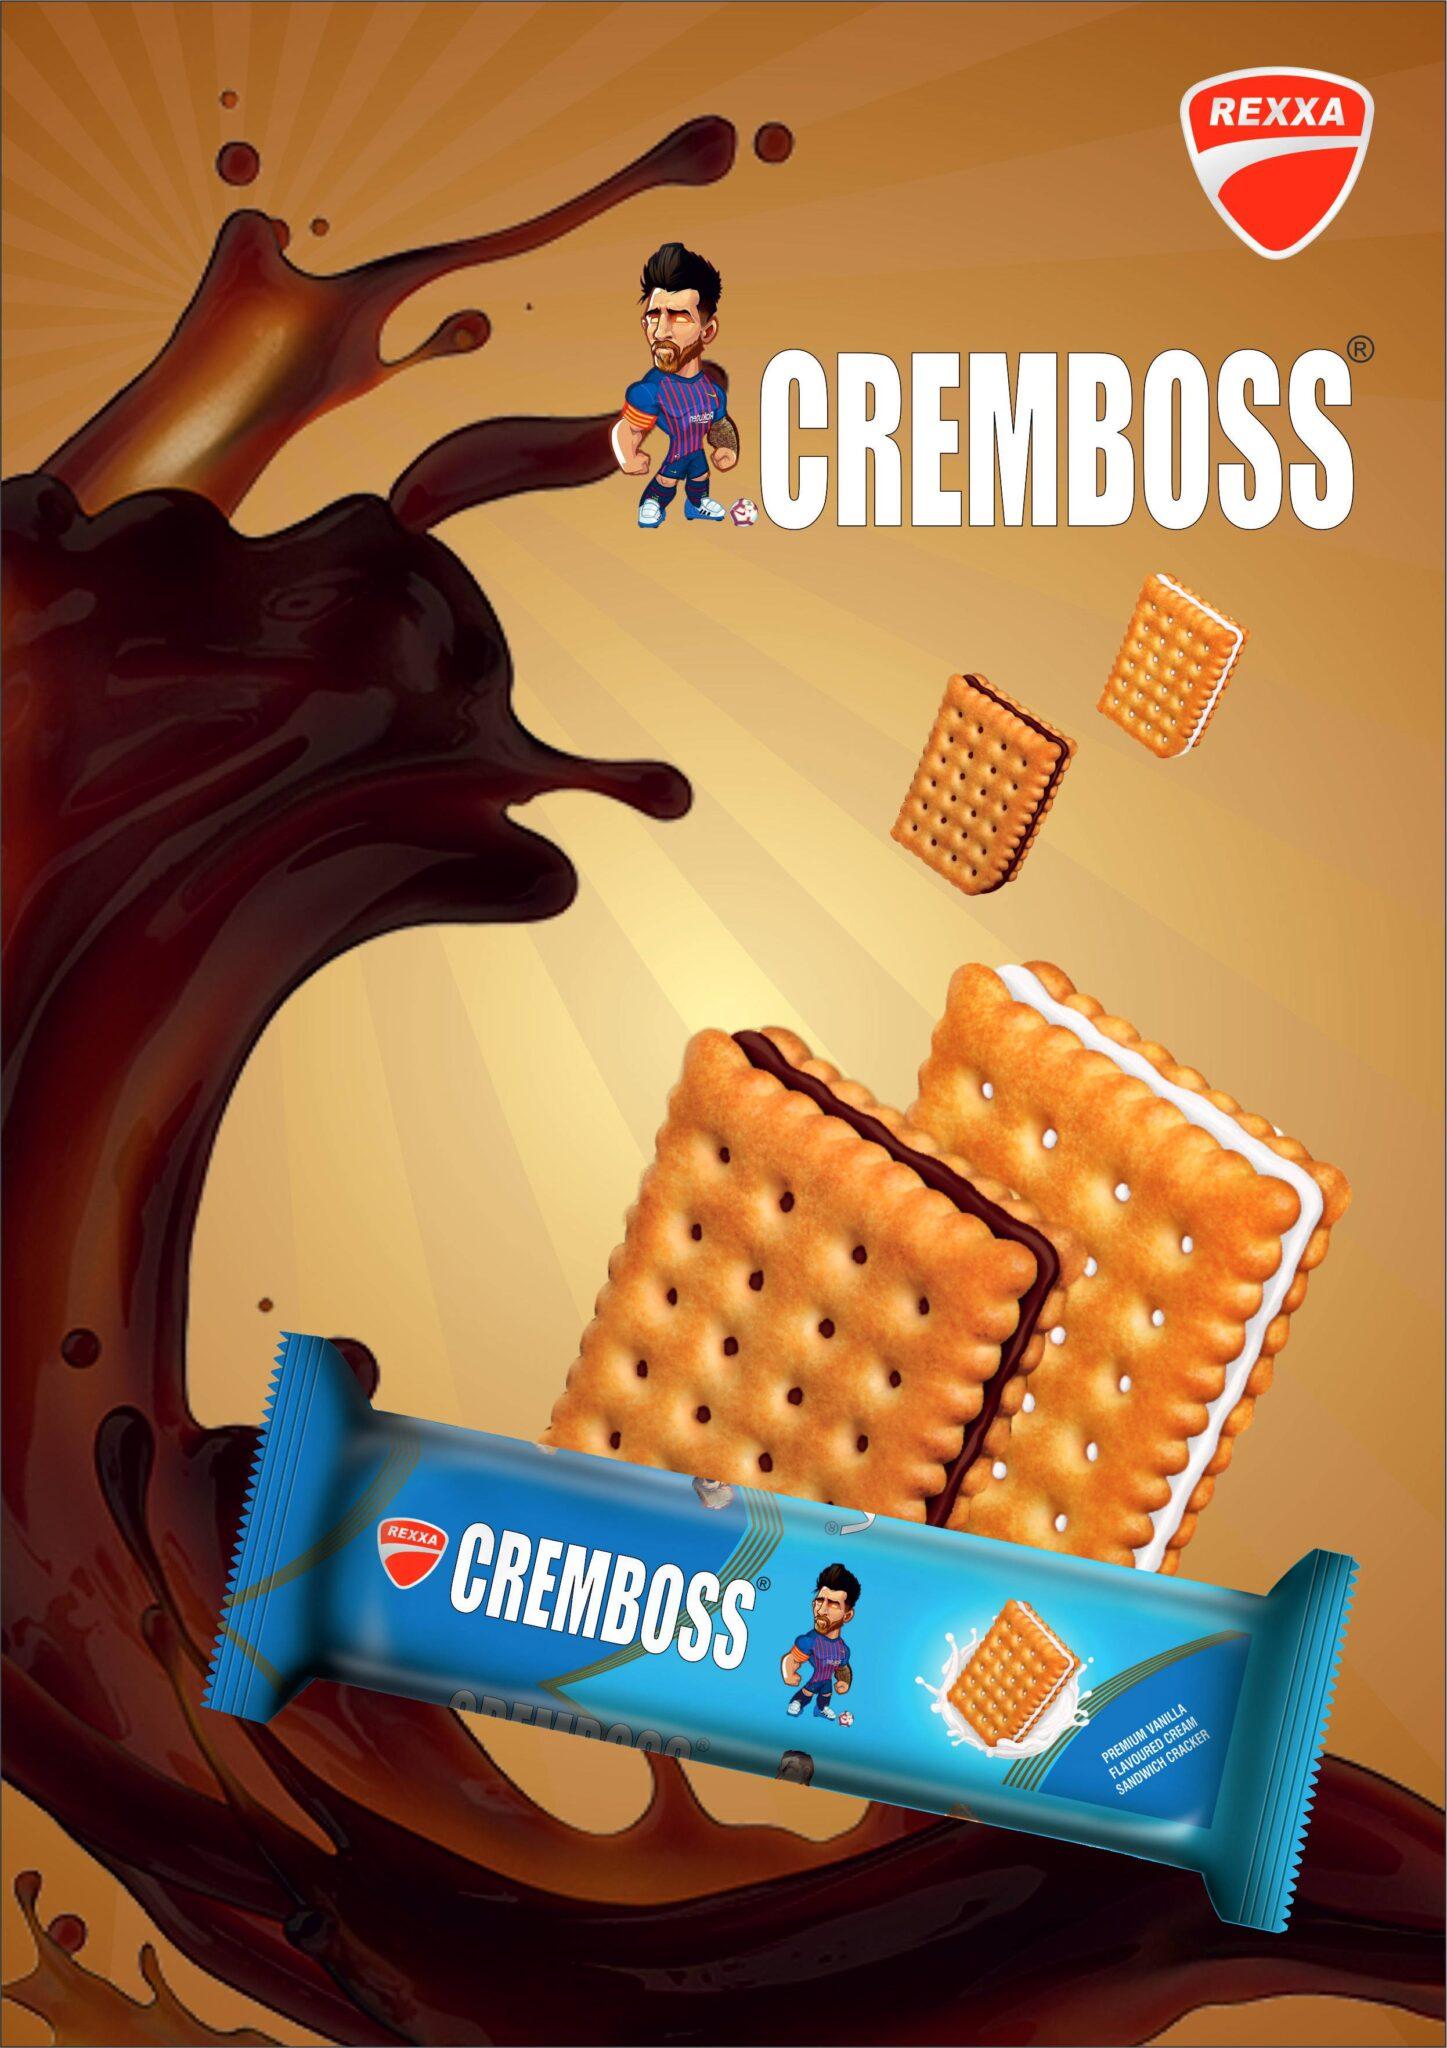 Cremboss